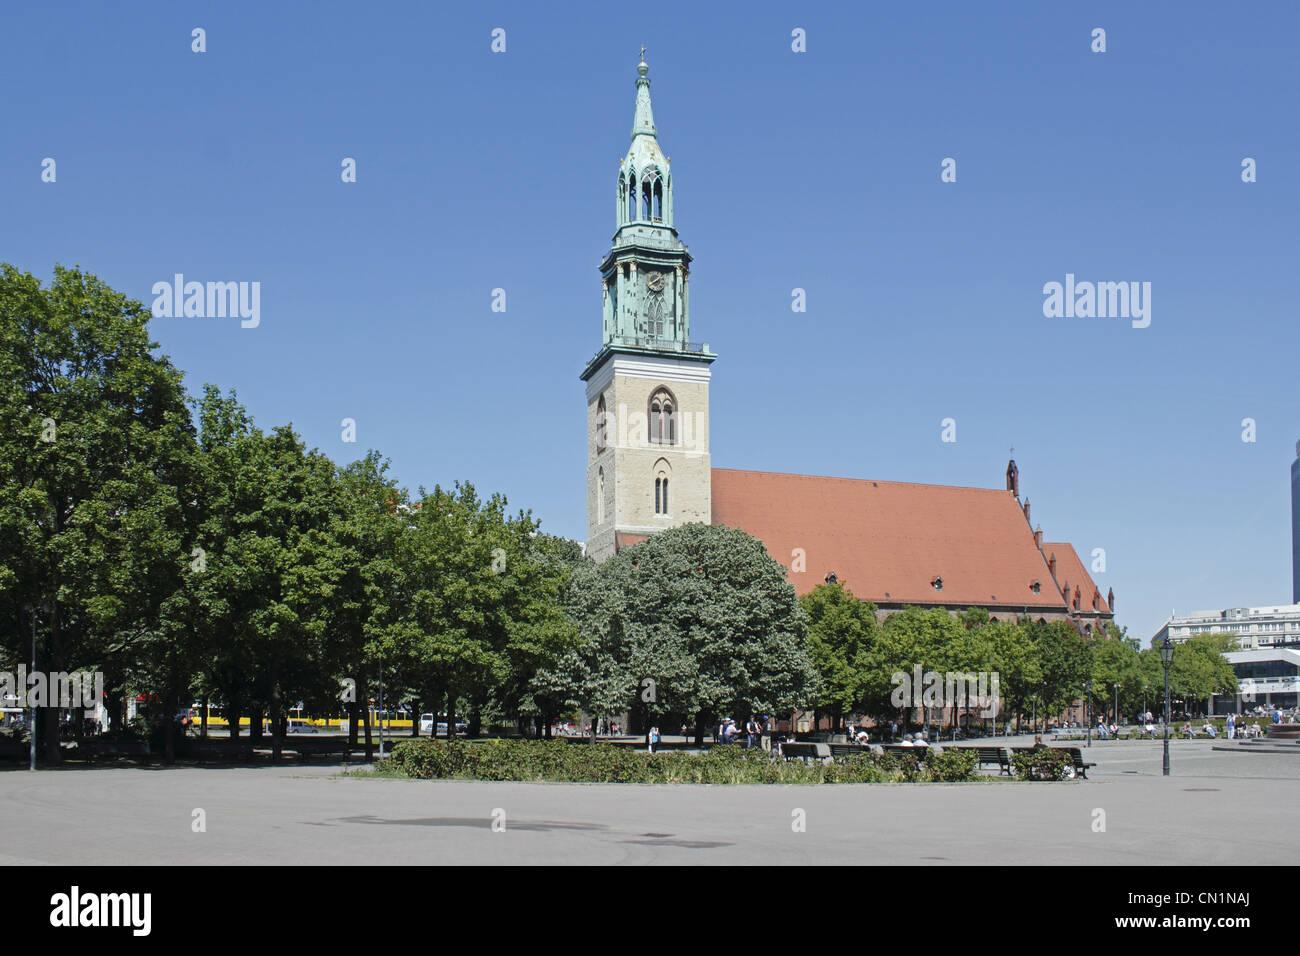 Deutschland Berlin Mitte St Mary Church - Stock Image